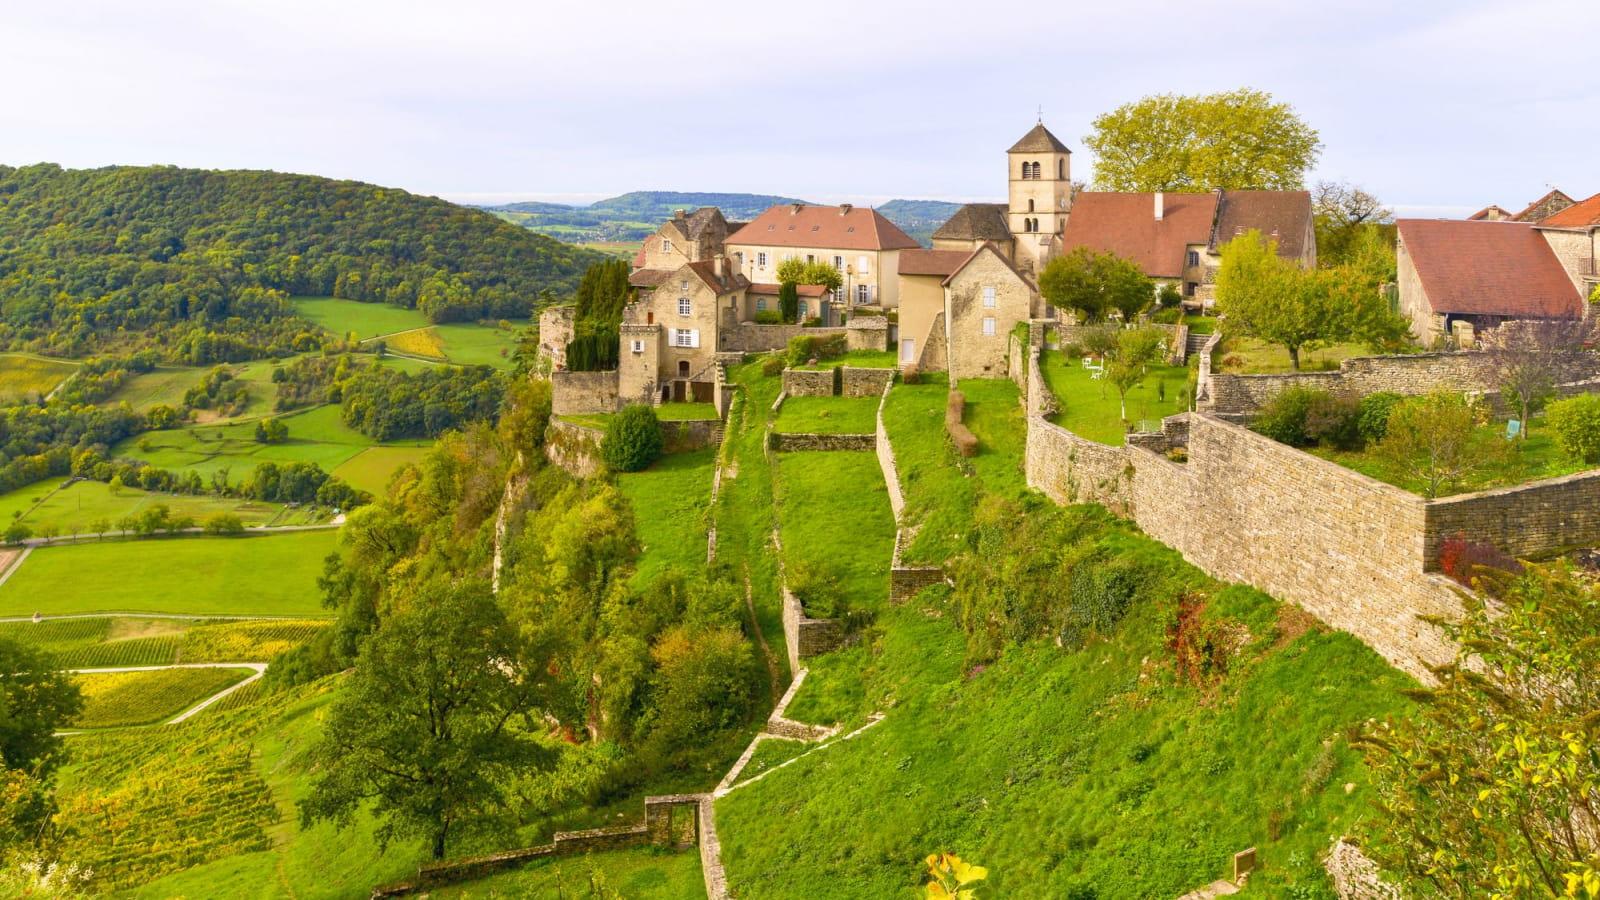 Un week-end dans le Jura : balade à Château-Chalon